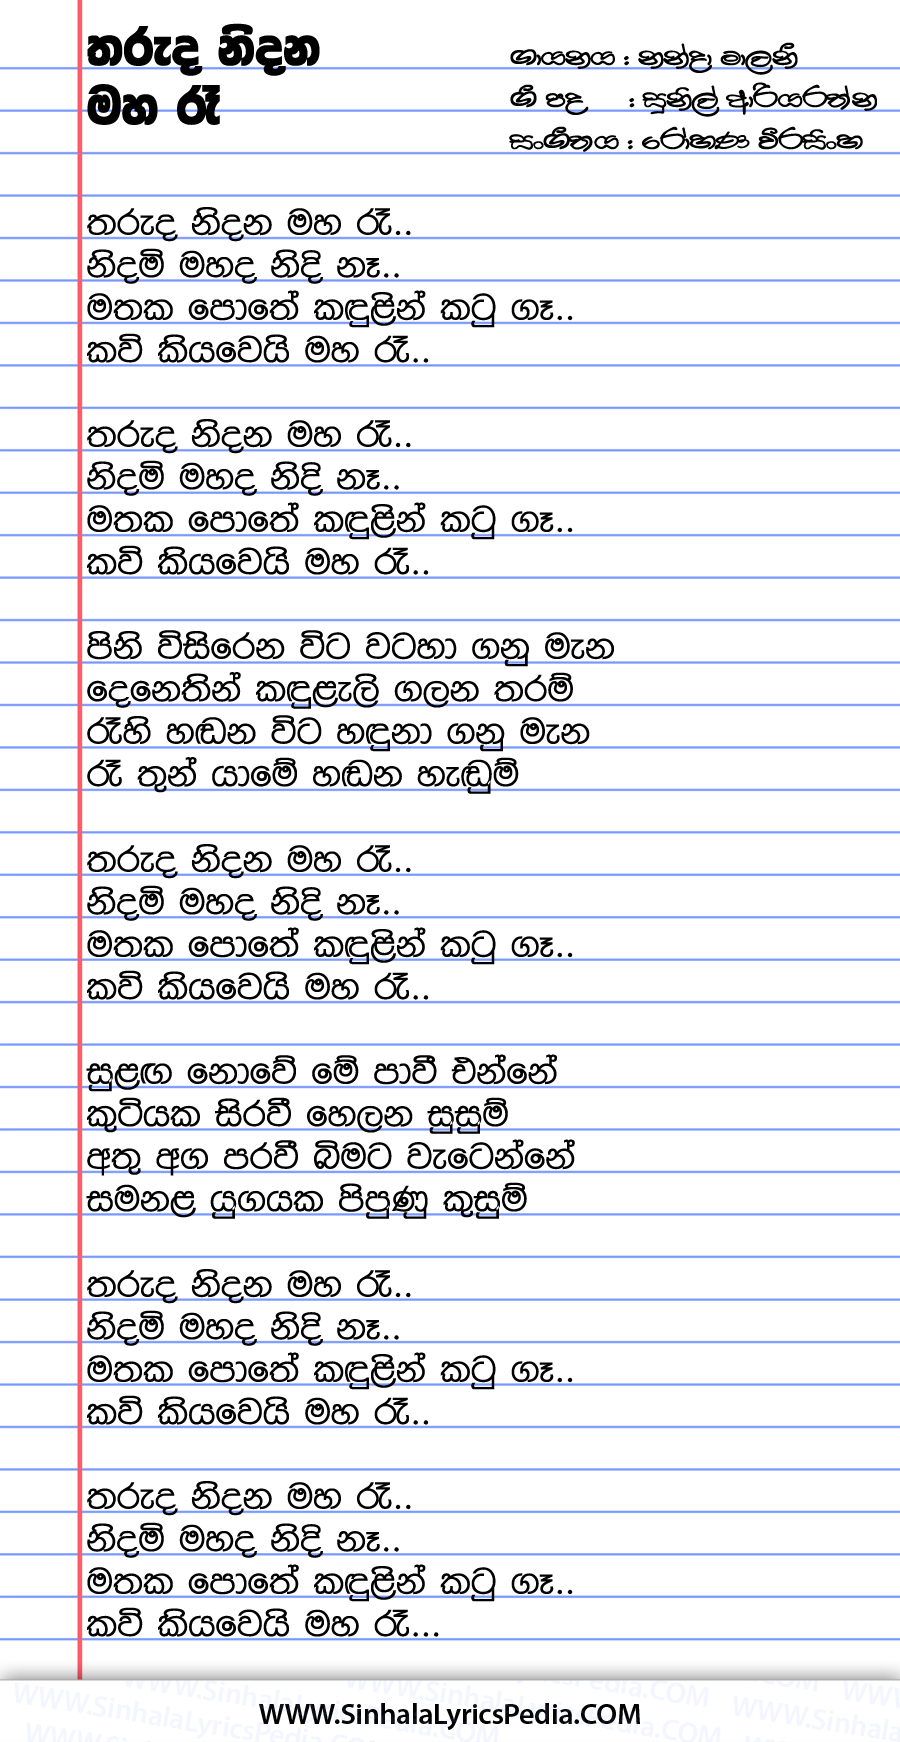 Tharuda Nidana Maha Ra Song Lyrics